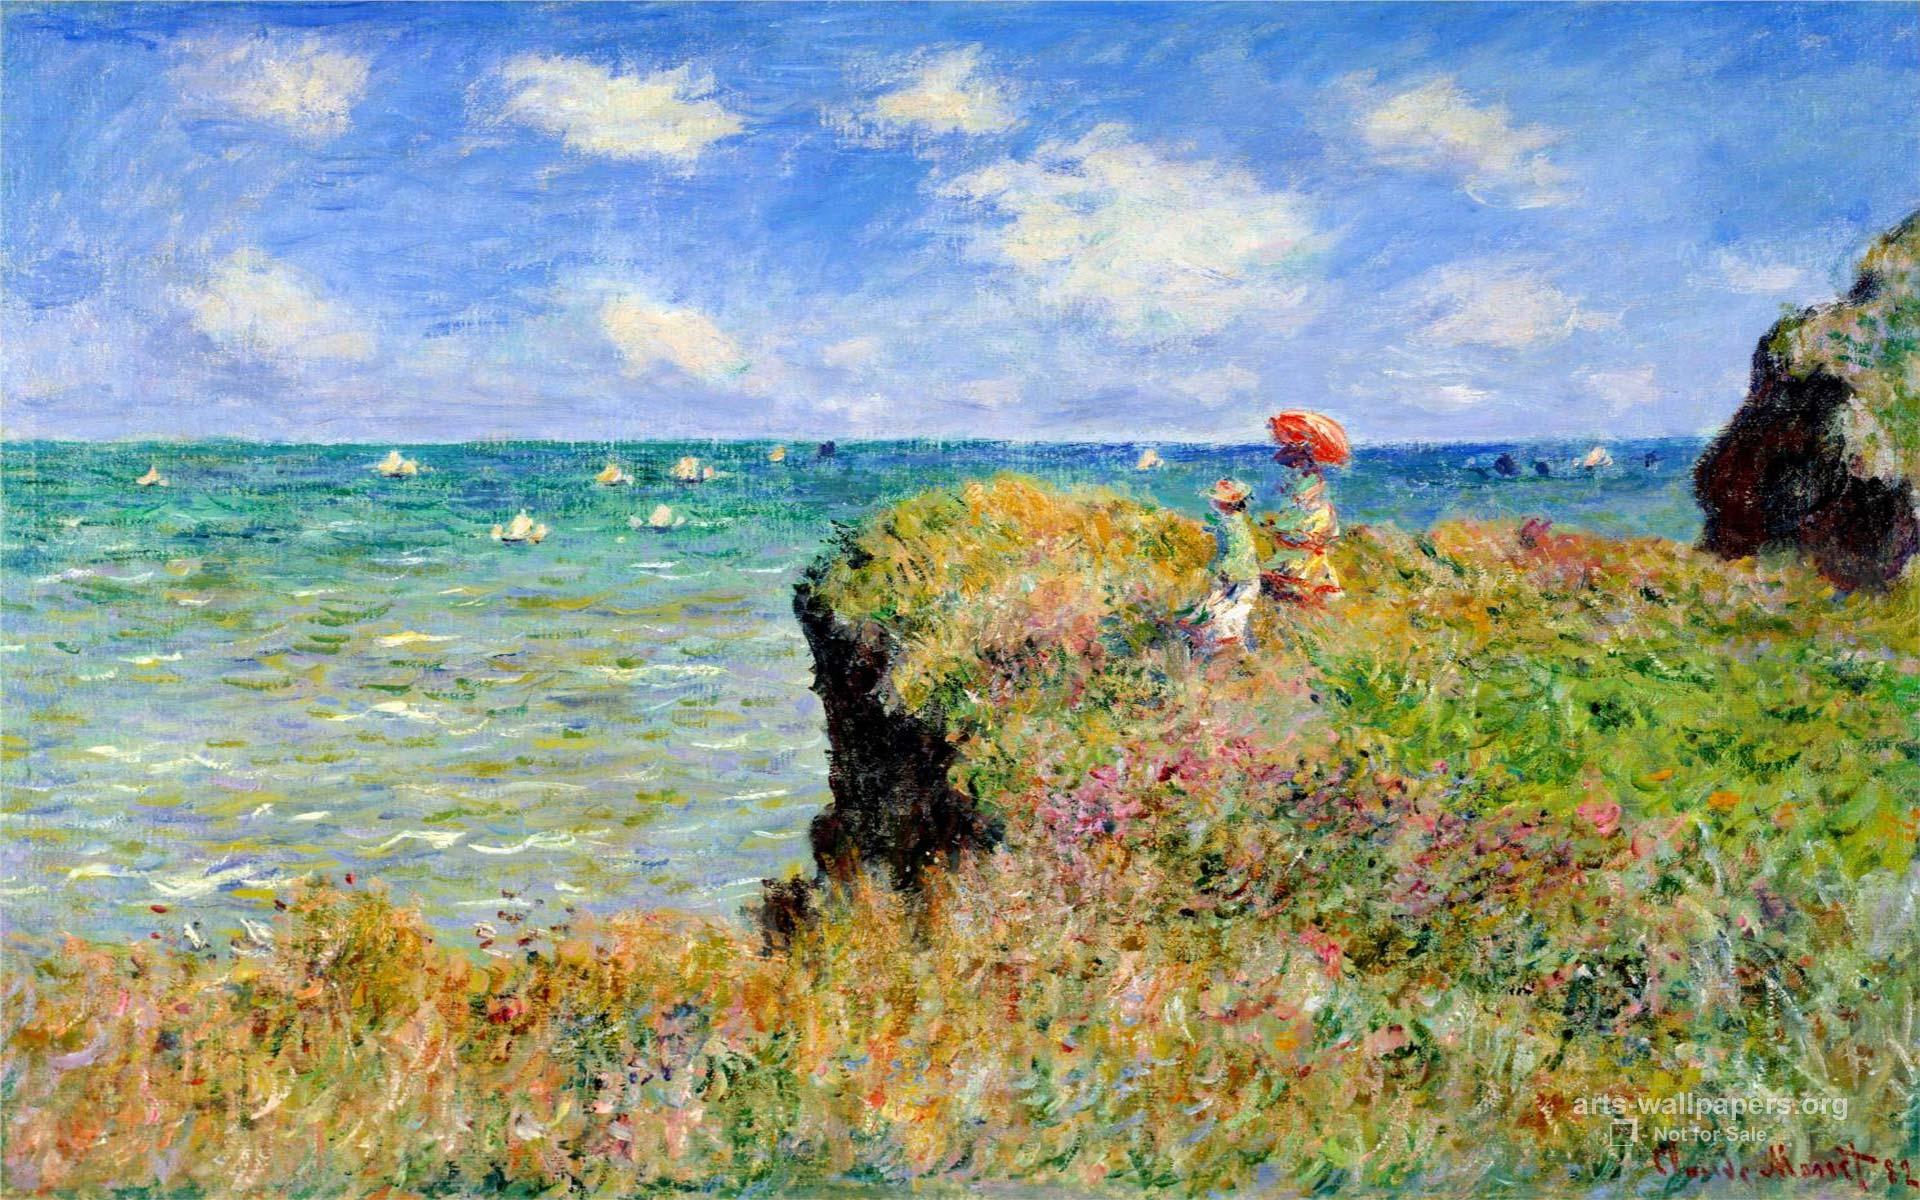 1920x1200 Renoir Gallery 531883753 Hình nền miễn phí - Định nghĩa HQ Hàng đầu